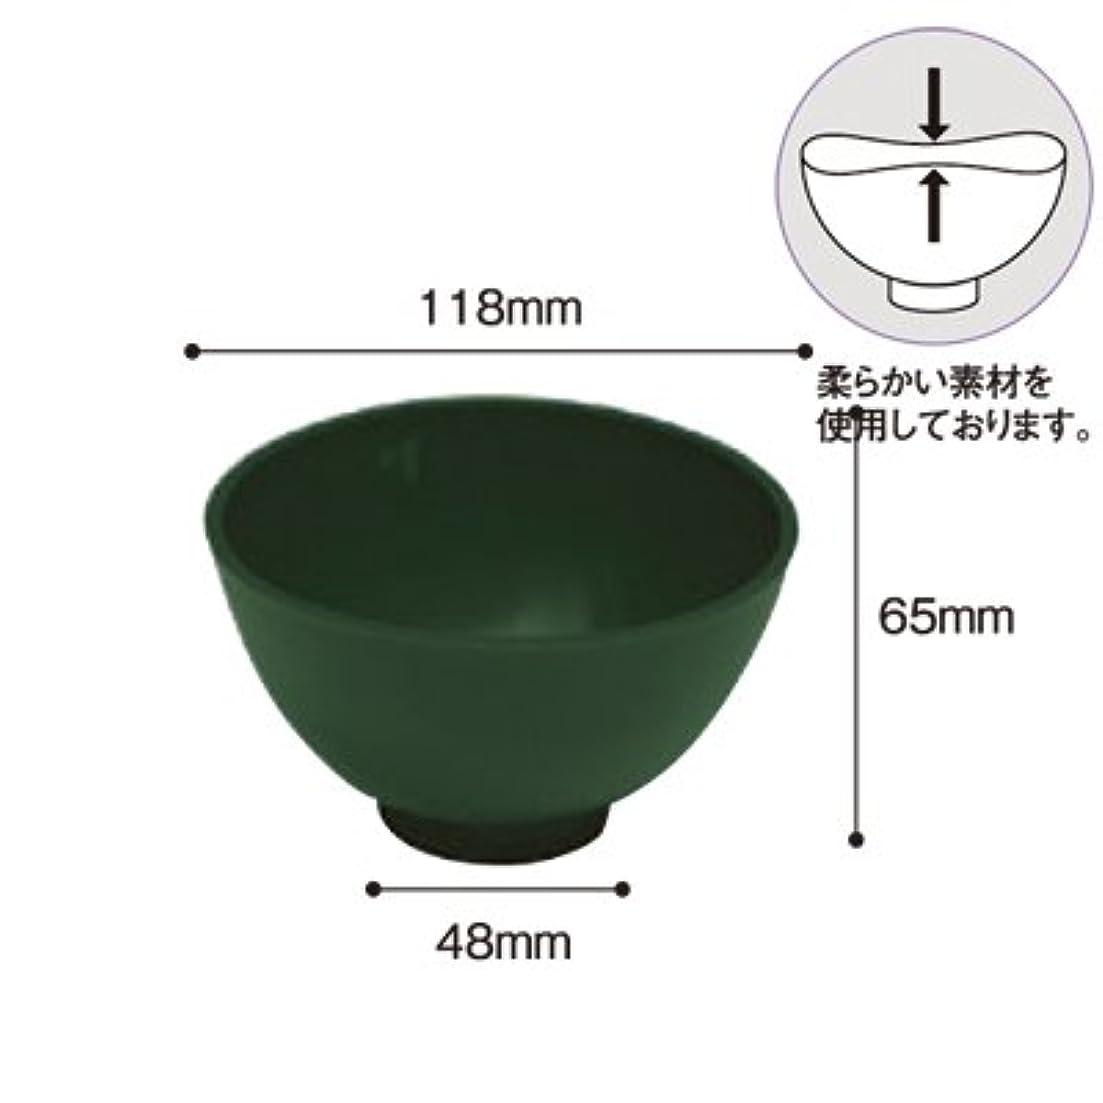 フラフープ報告書インターネット(ロータス)LOTUS ラバーボウル エステ サロン 割れない カップ 歯科 Mサイズ (直径:127mm)グリーン